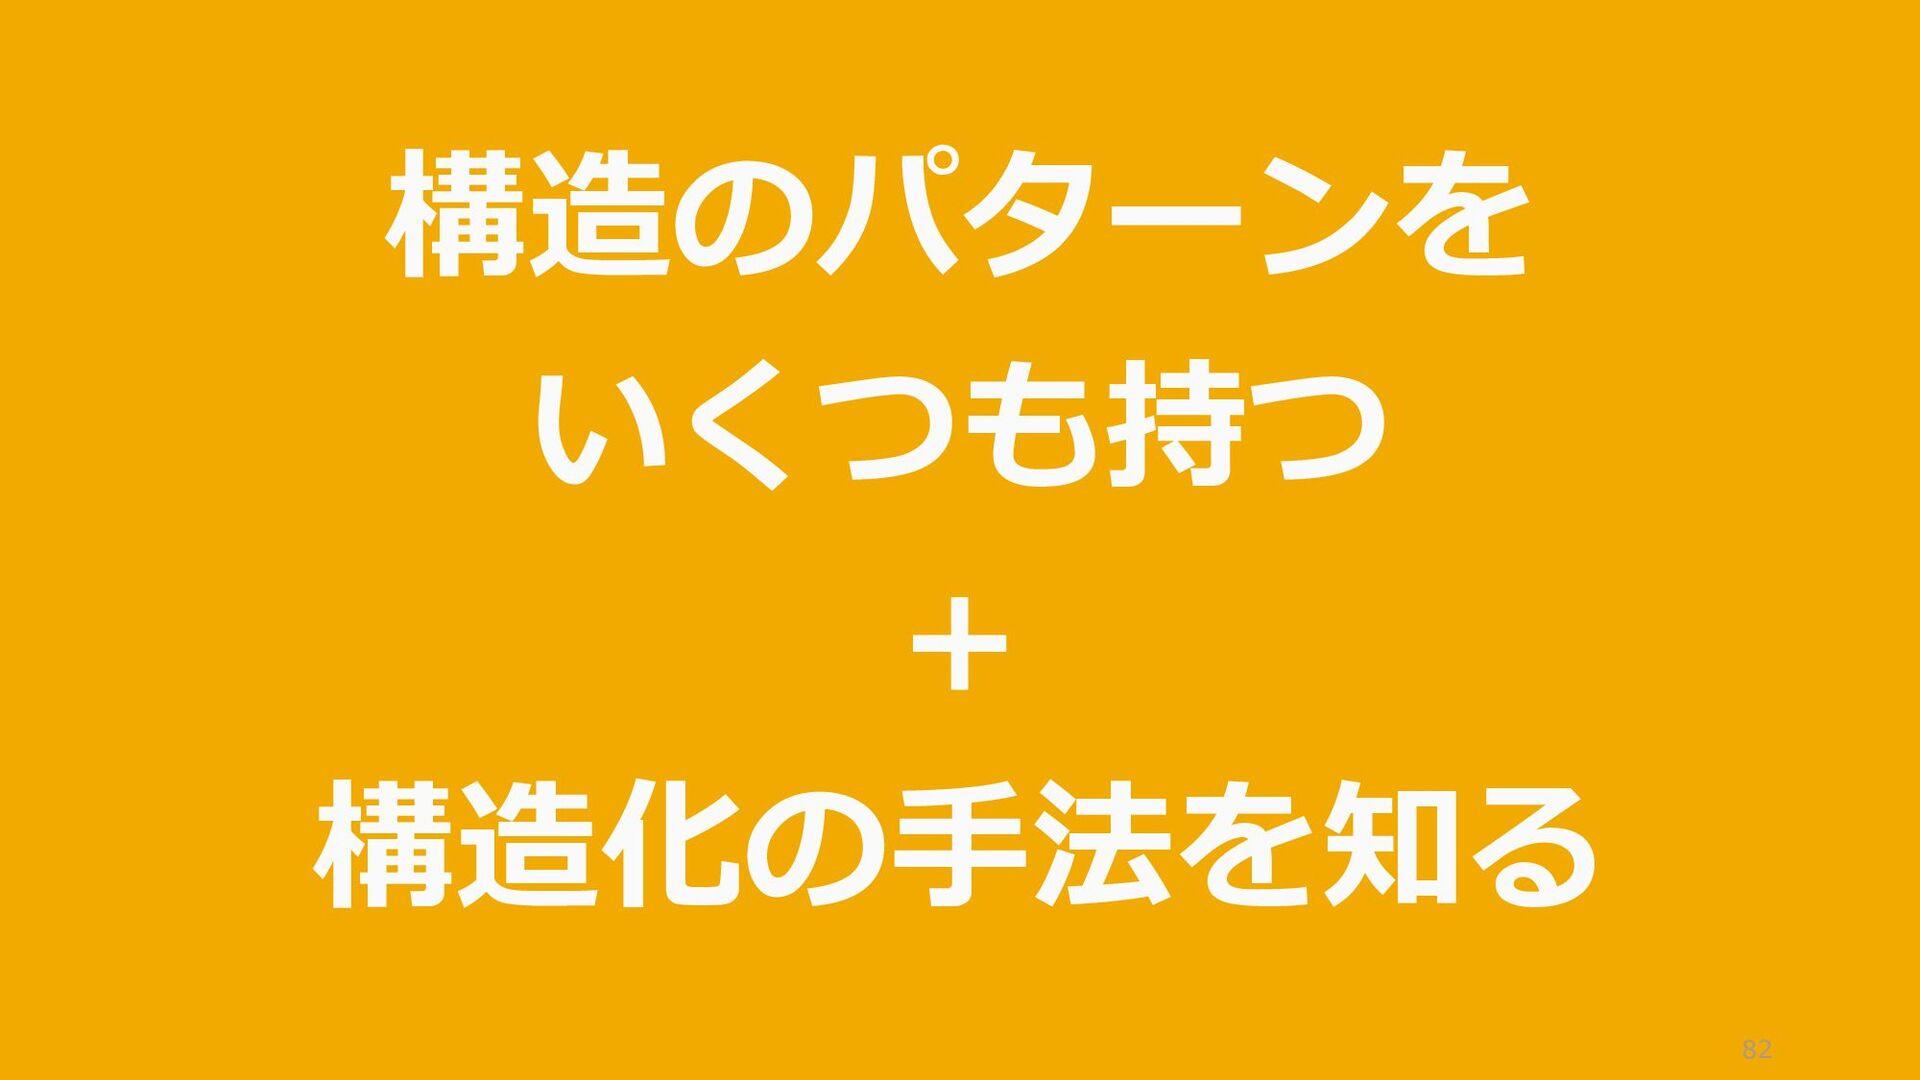 原因分析:コーザリティ分析 (Causal Analysis) そもそも友達がいない、少ないと...